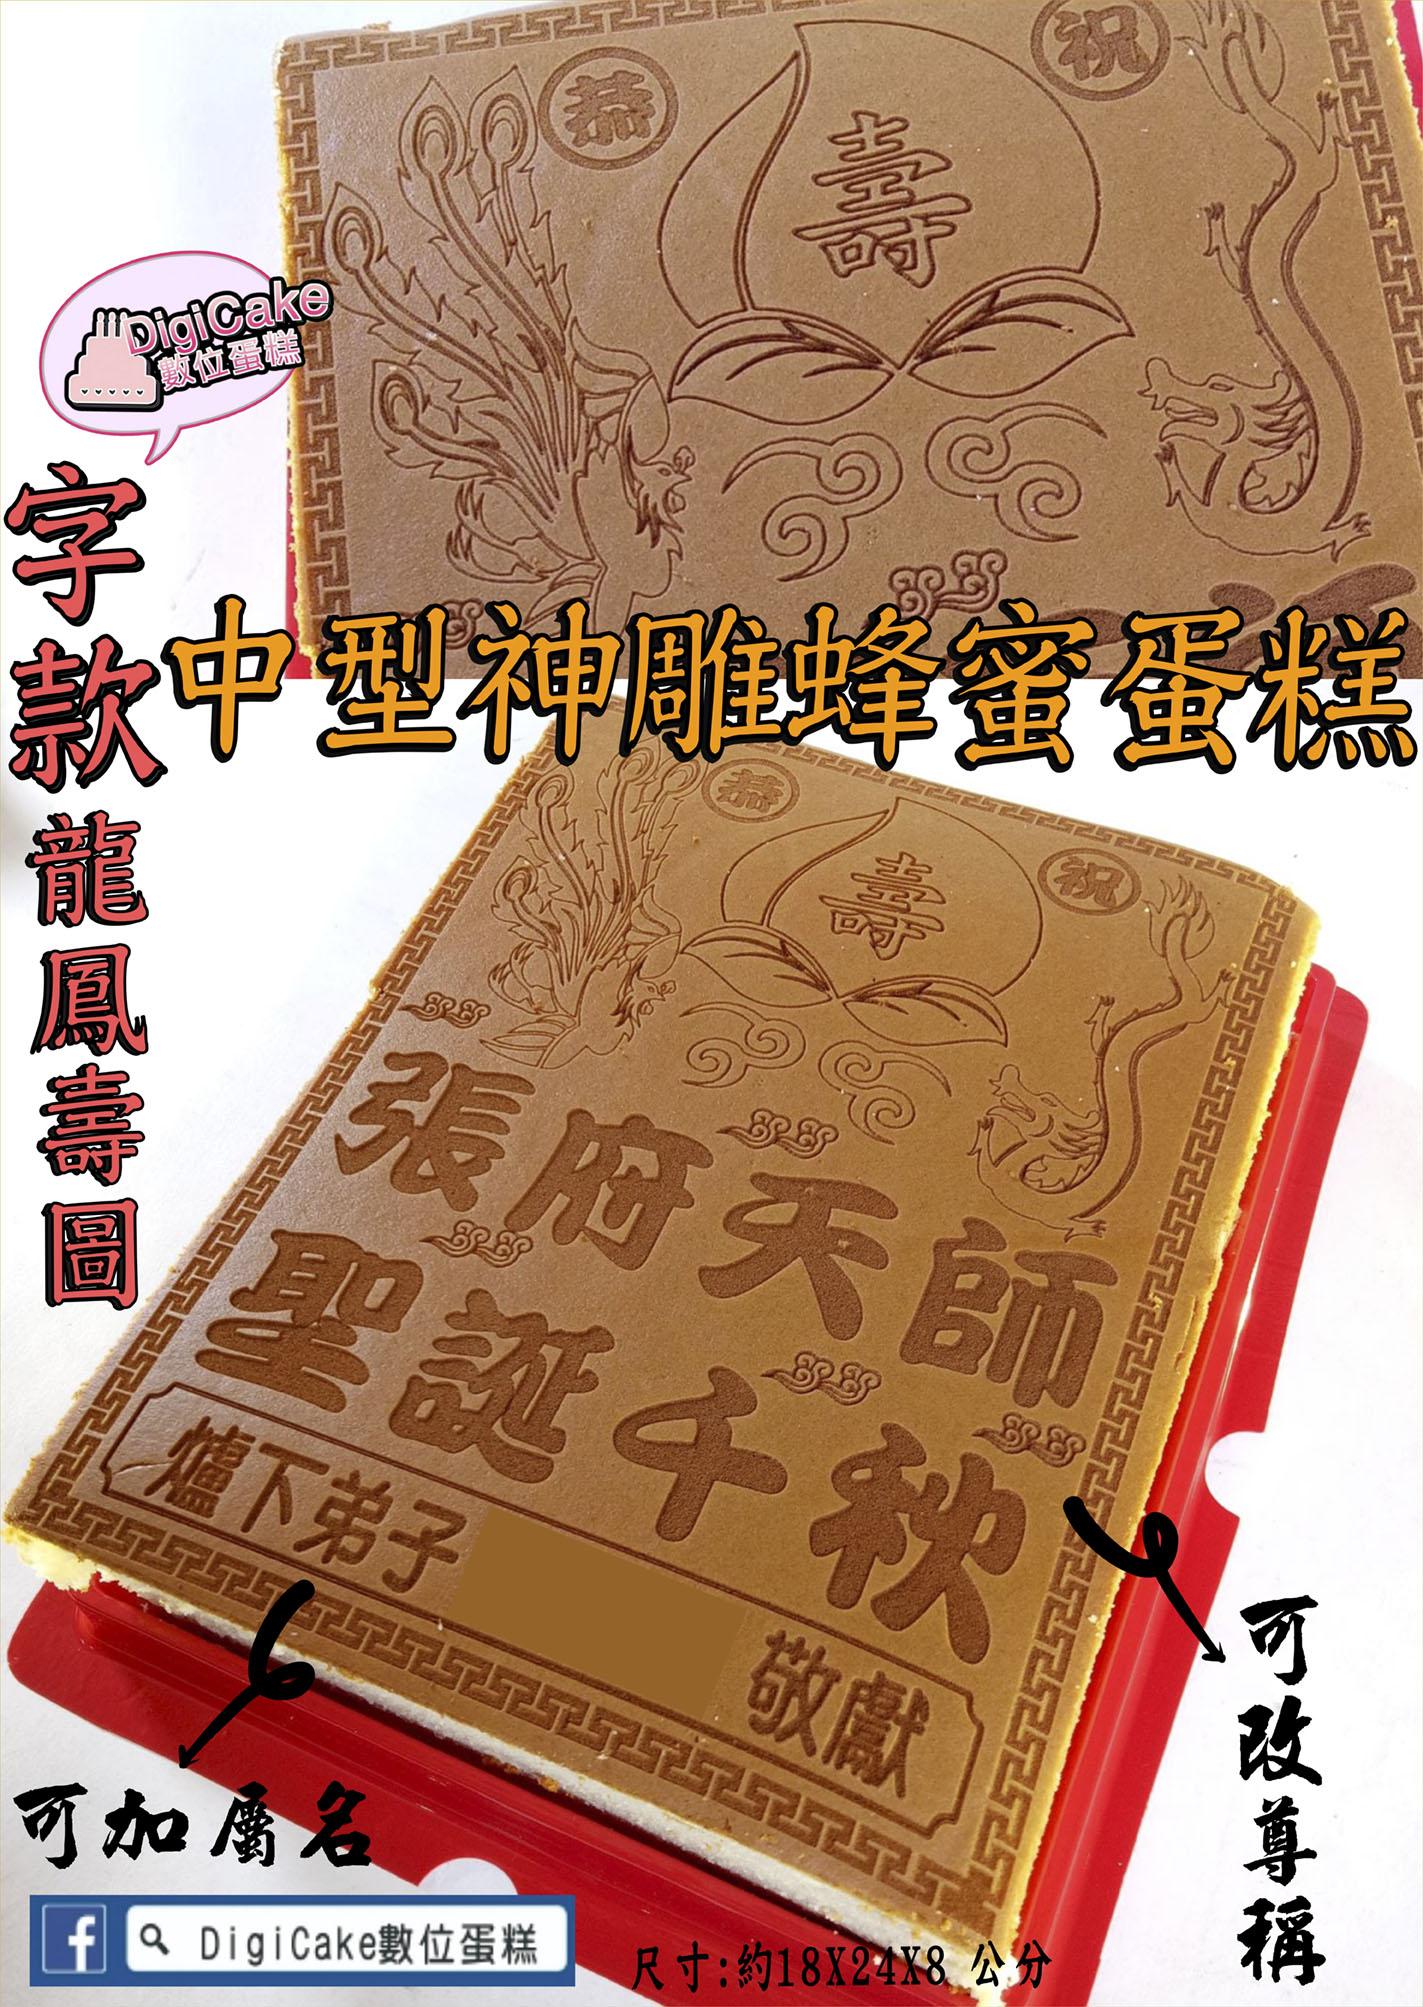 點此進入字款龍鳳圖中型神雕蜂蜜蛋糕的詳細資料!